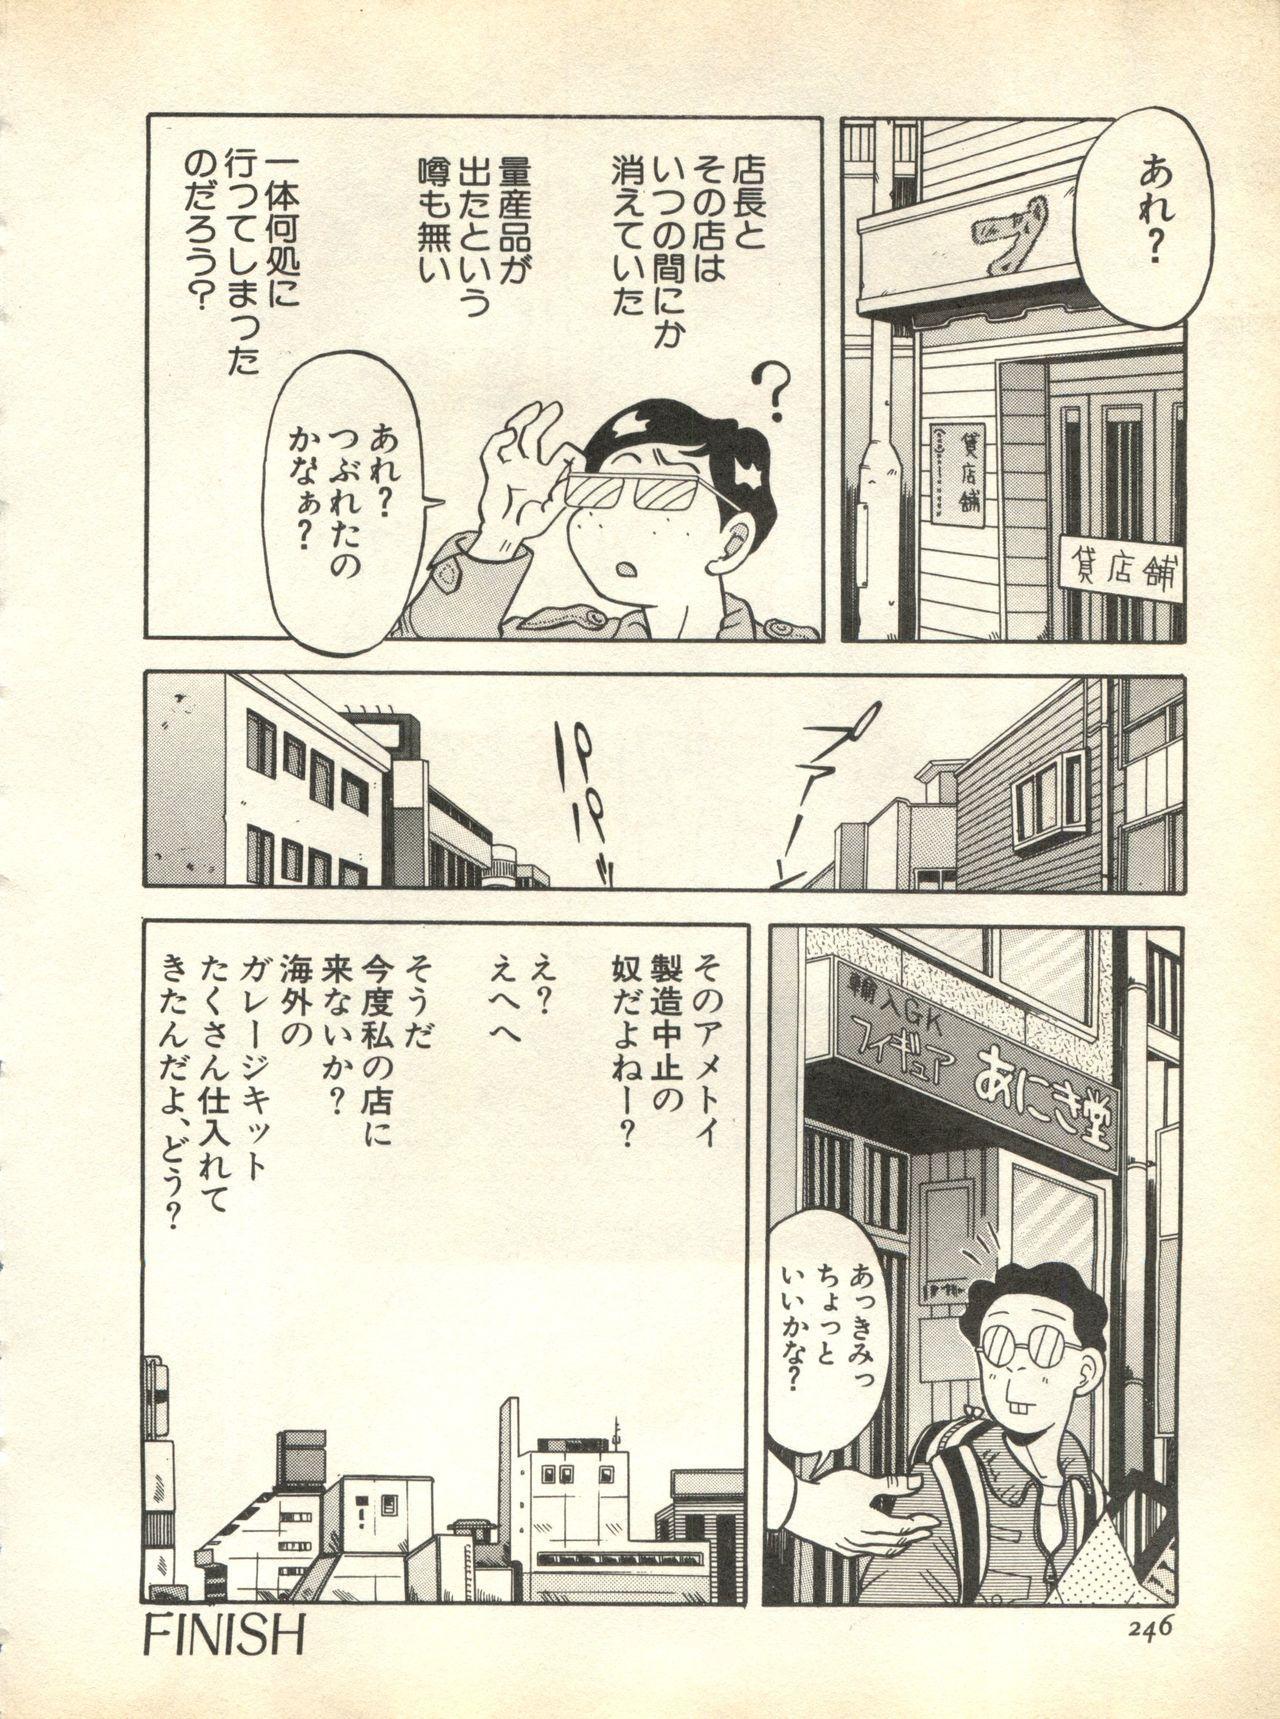 Pai;kuu 1998 October Vol. 13 245